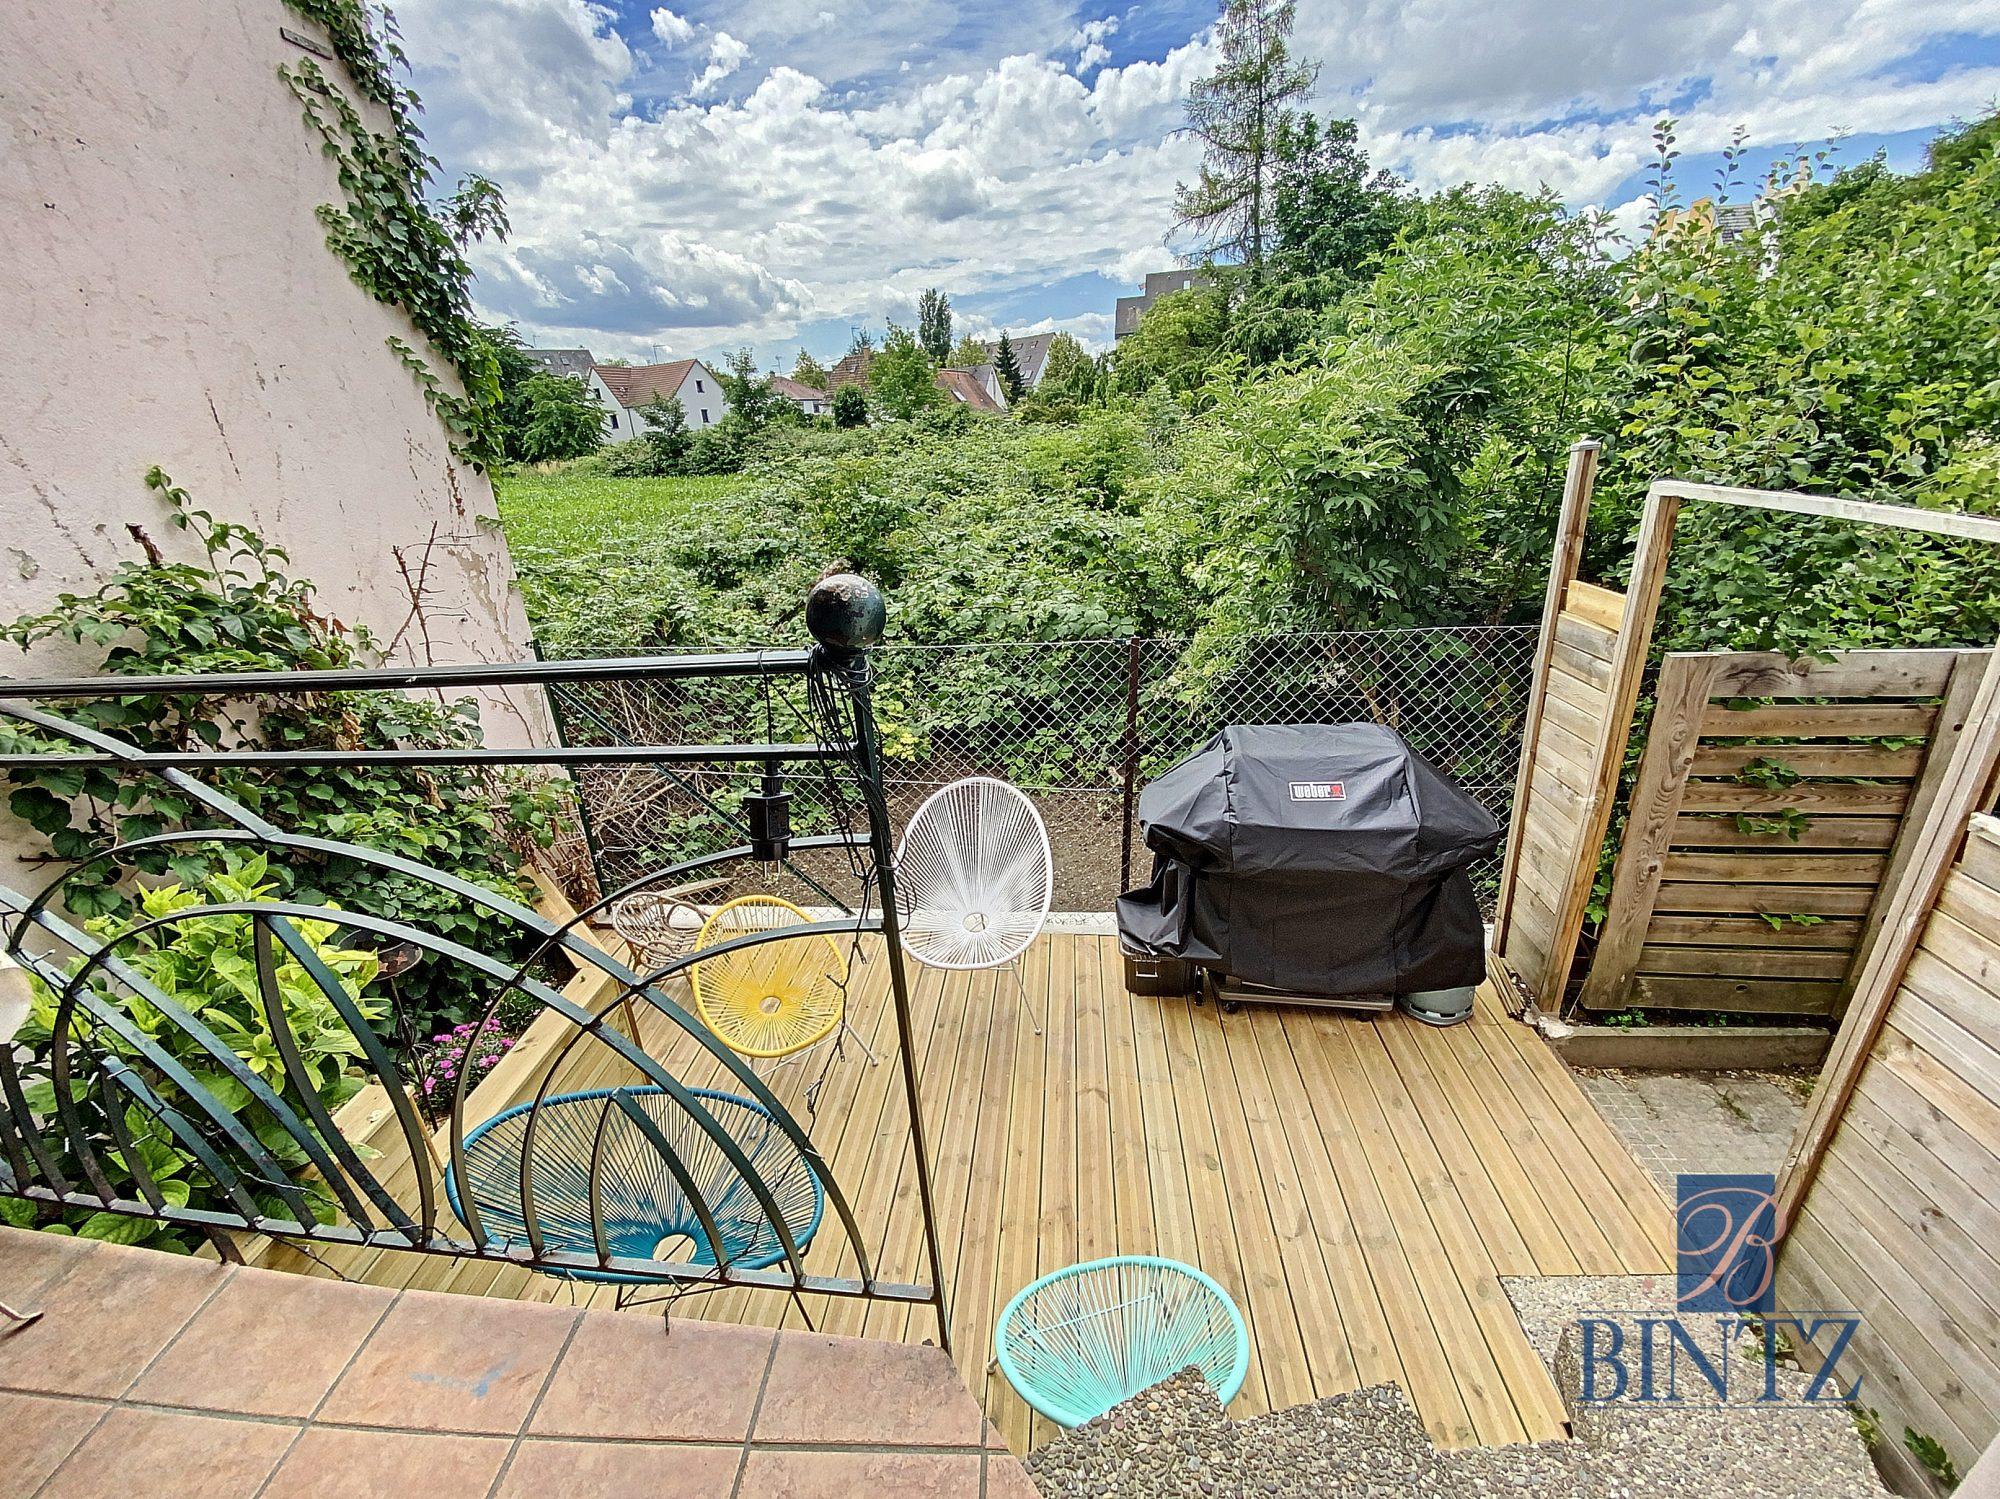 3 pièces avec terrasse à la Robertsau - Devenez propriétaire en toute confiance - Bintz Immobilier - 19